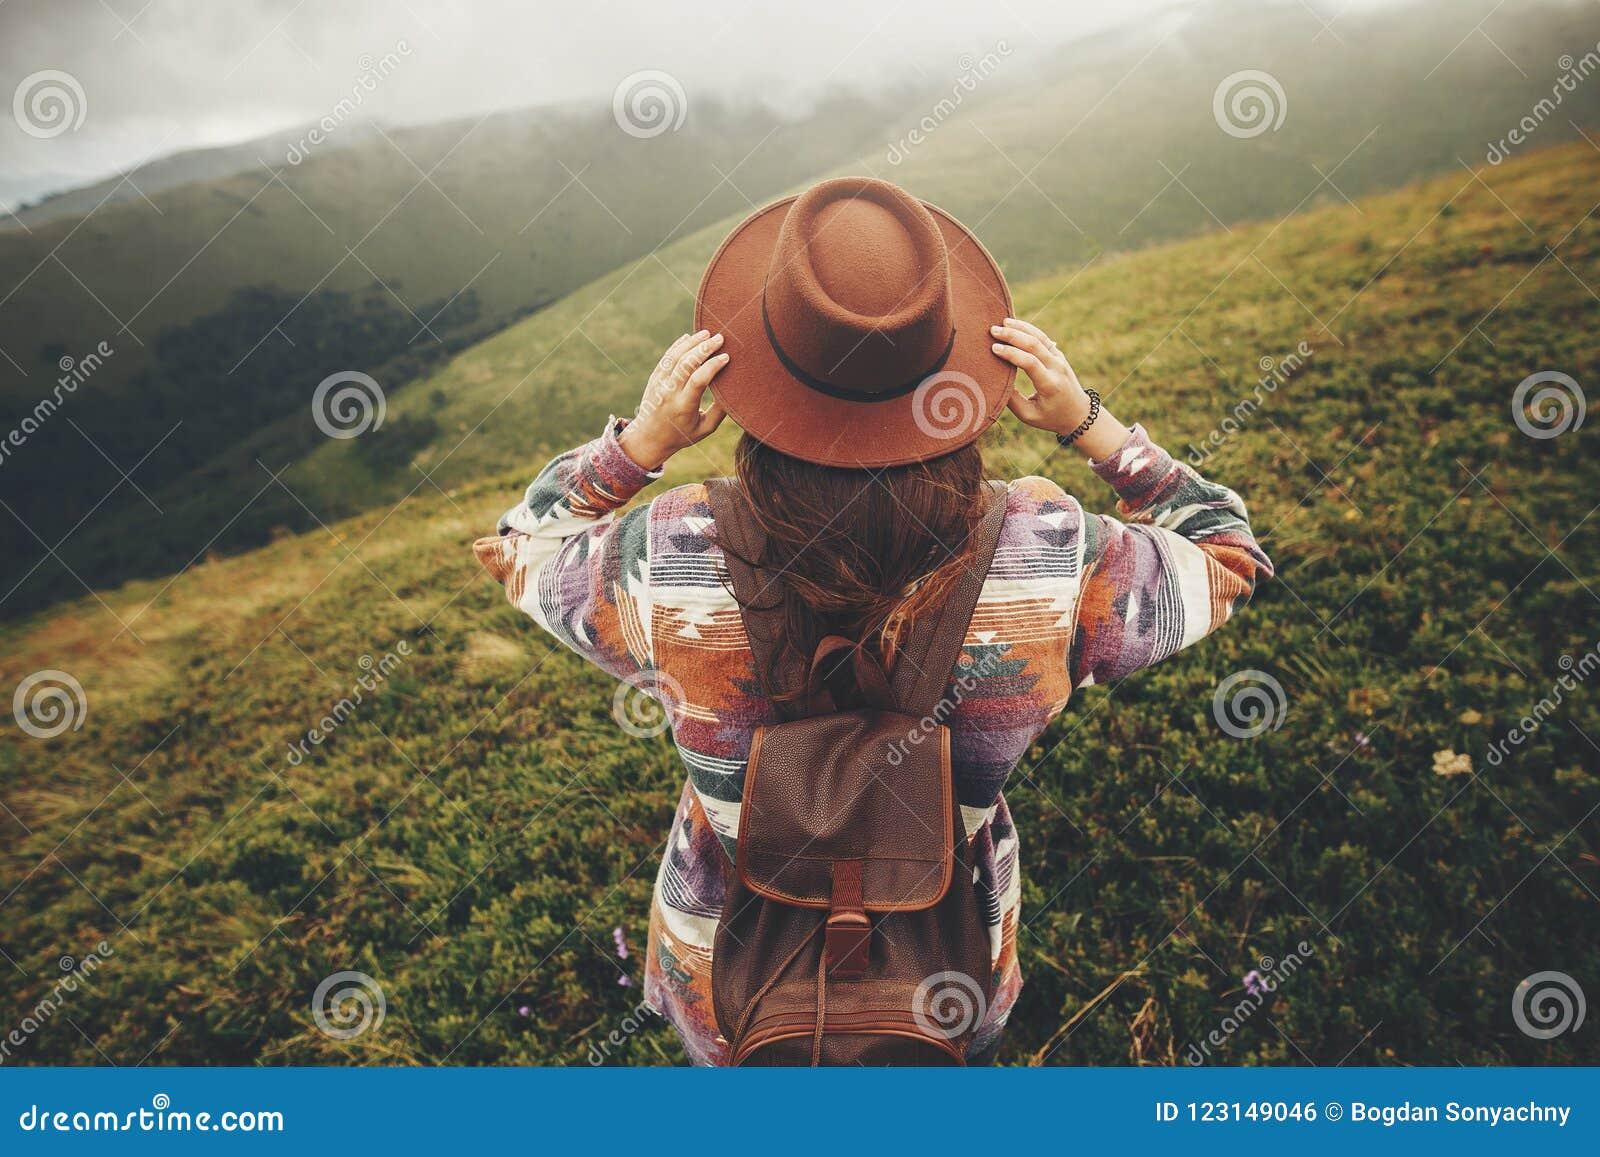 Reise- und Wanderlustkonzept stilvoller Reisendhippie-Mädchen hol